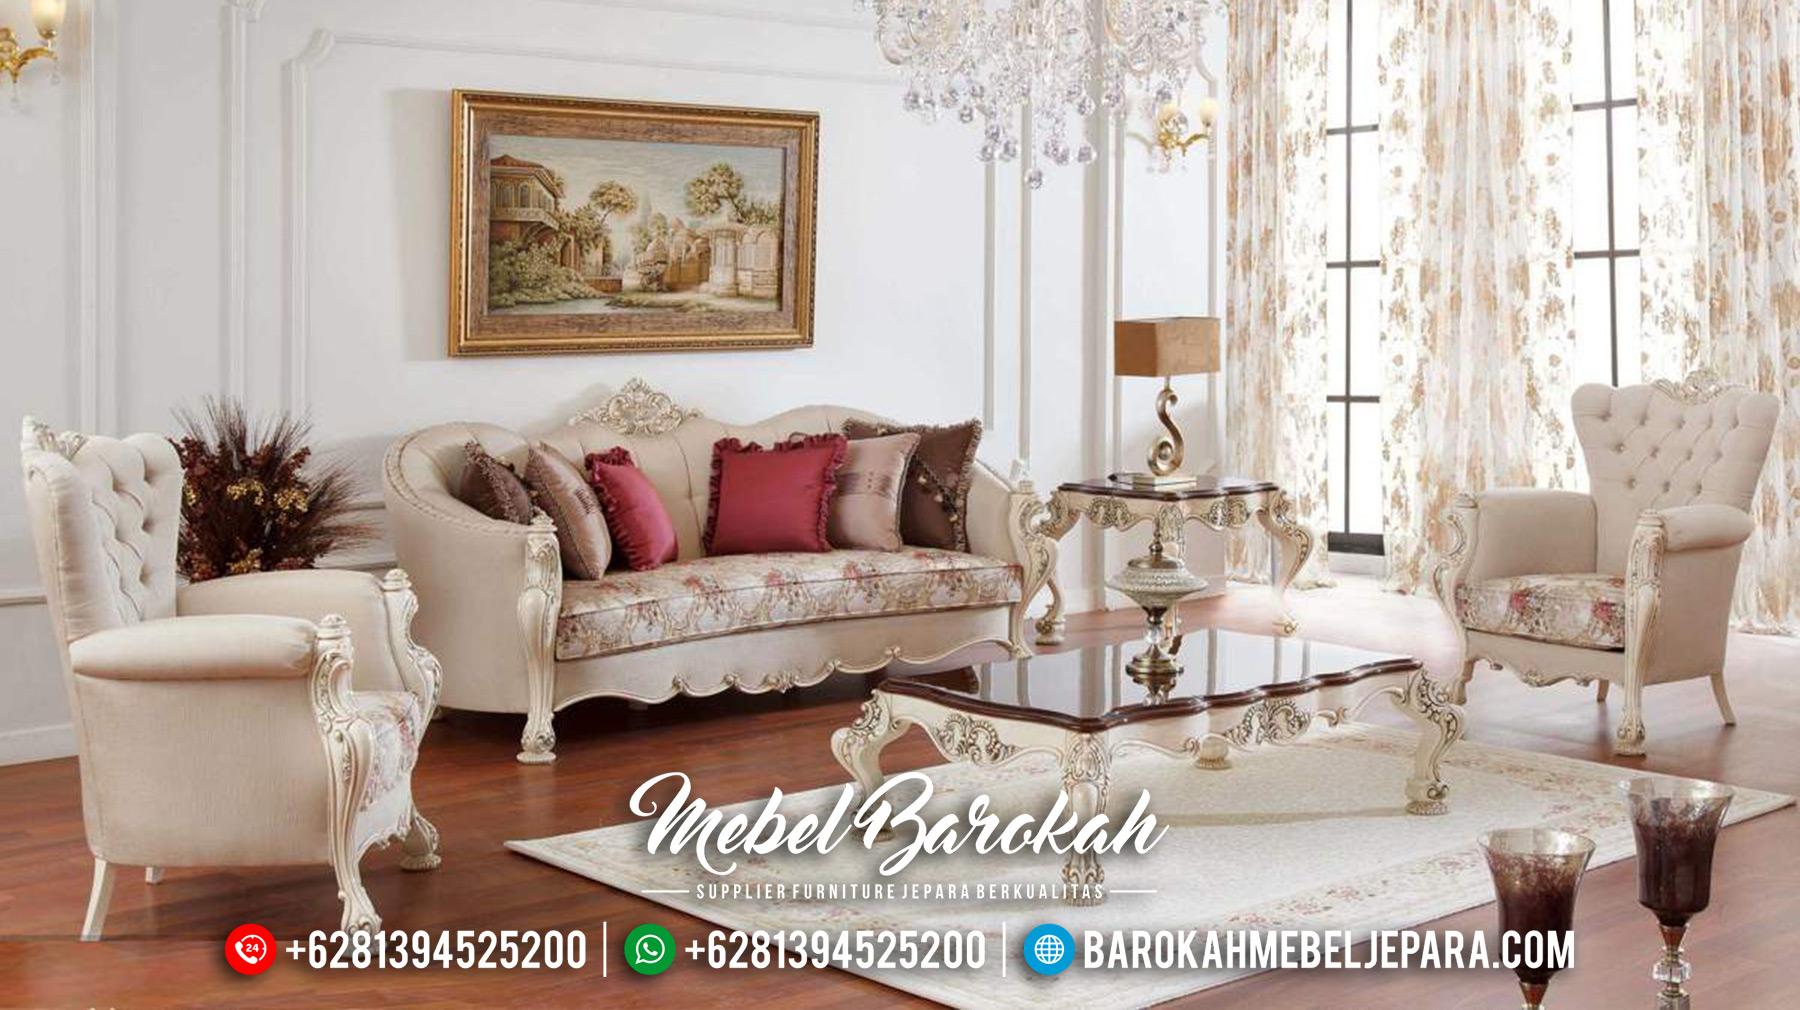 Jual Sofa Tamu Mewah Terbaru Luxury Carving New Model Mebel Jepara MB-0546